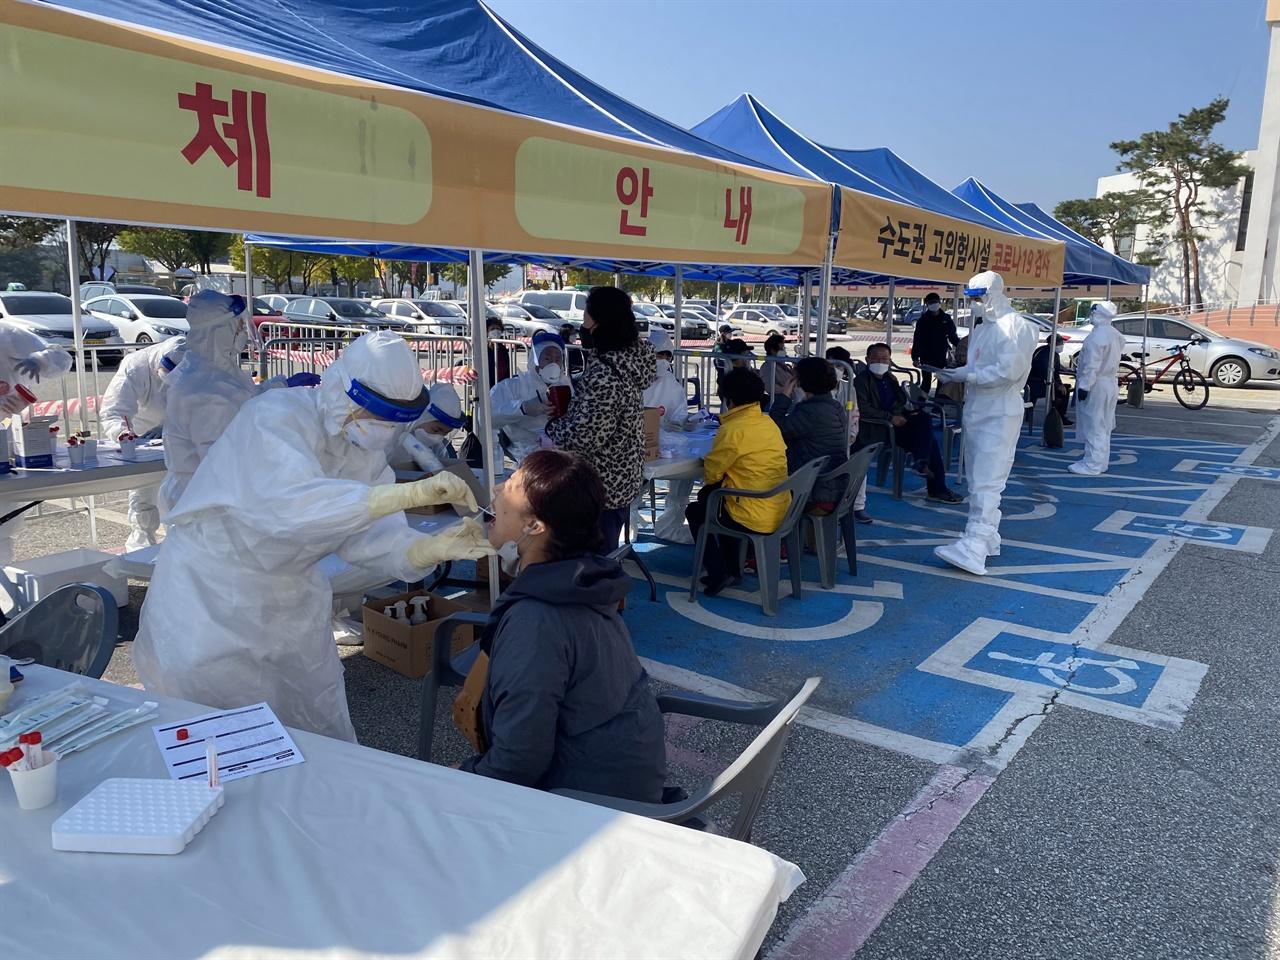 경기도 내 요양기관 발 코로나19 집단감염이 발생하고 있는 가운데 경기 양평군이 지역 요양시설에 대한 전수검사를 진행했다.